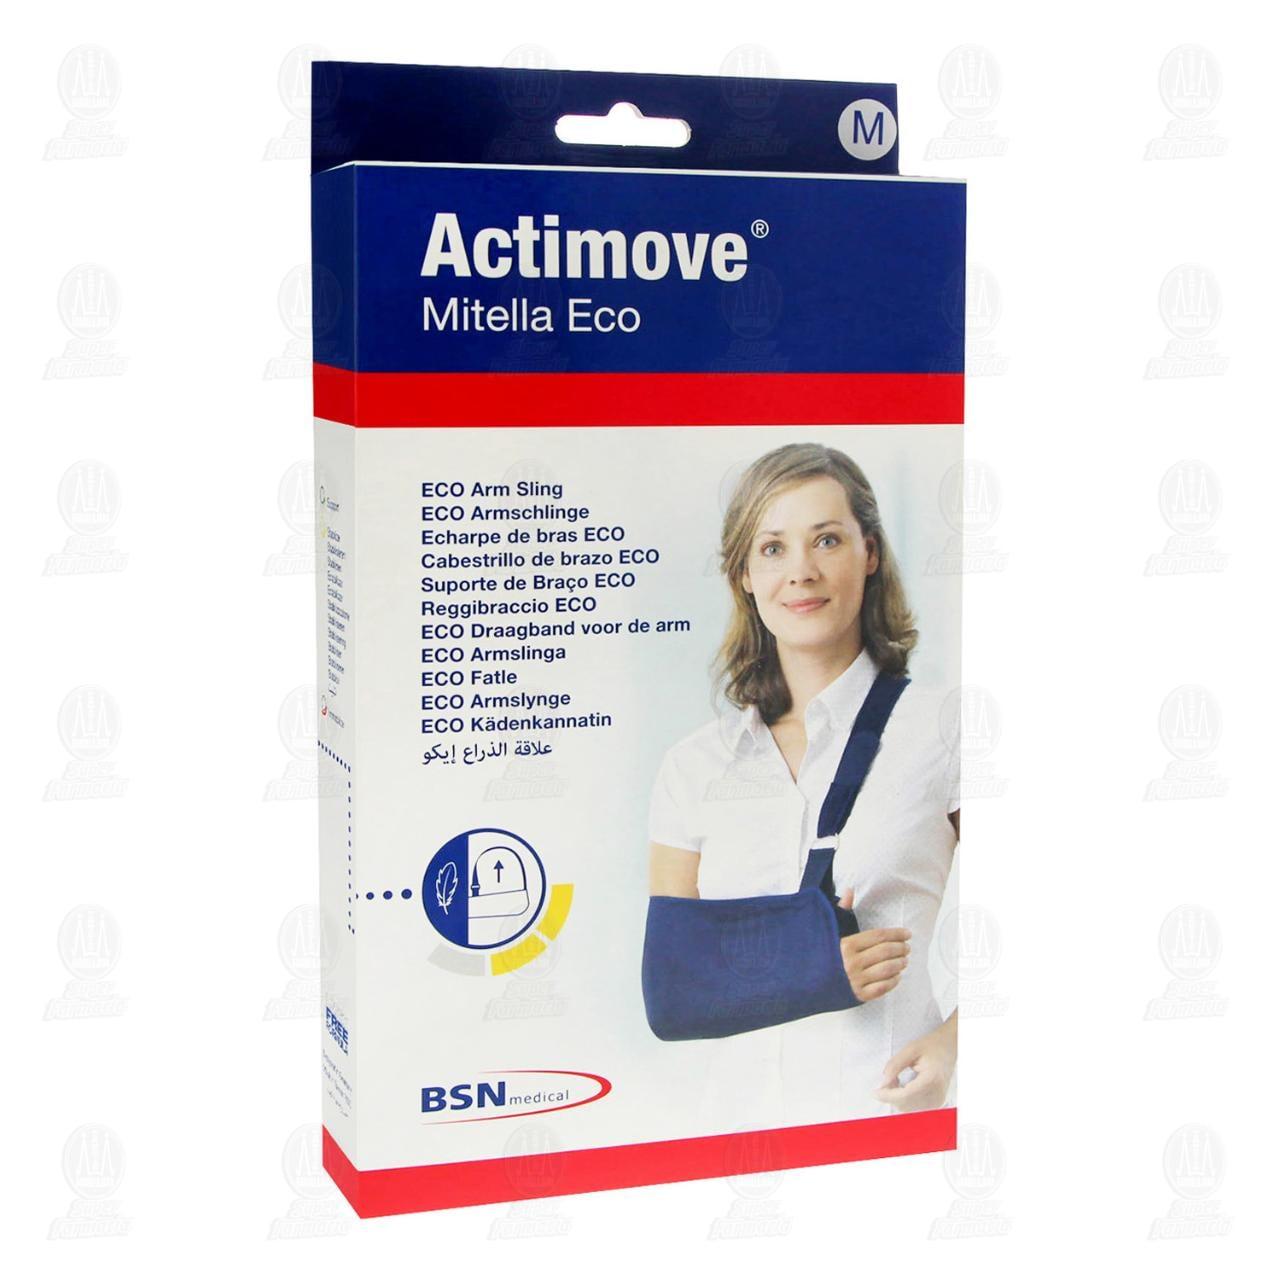 comprar https://www.movil.farmaciasguadalajara.com/wcsstore/FGCAS/wcs/products/1236750_A_1280_AL.jpg en farmacias guadalajara